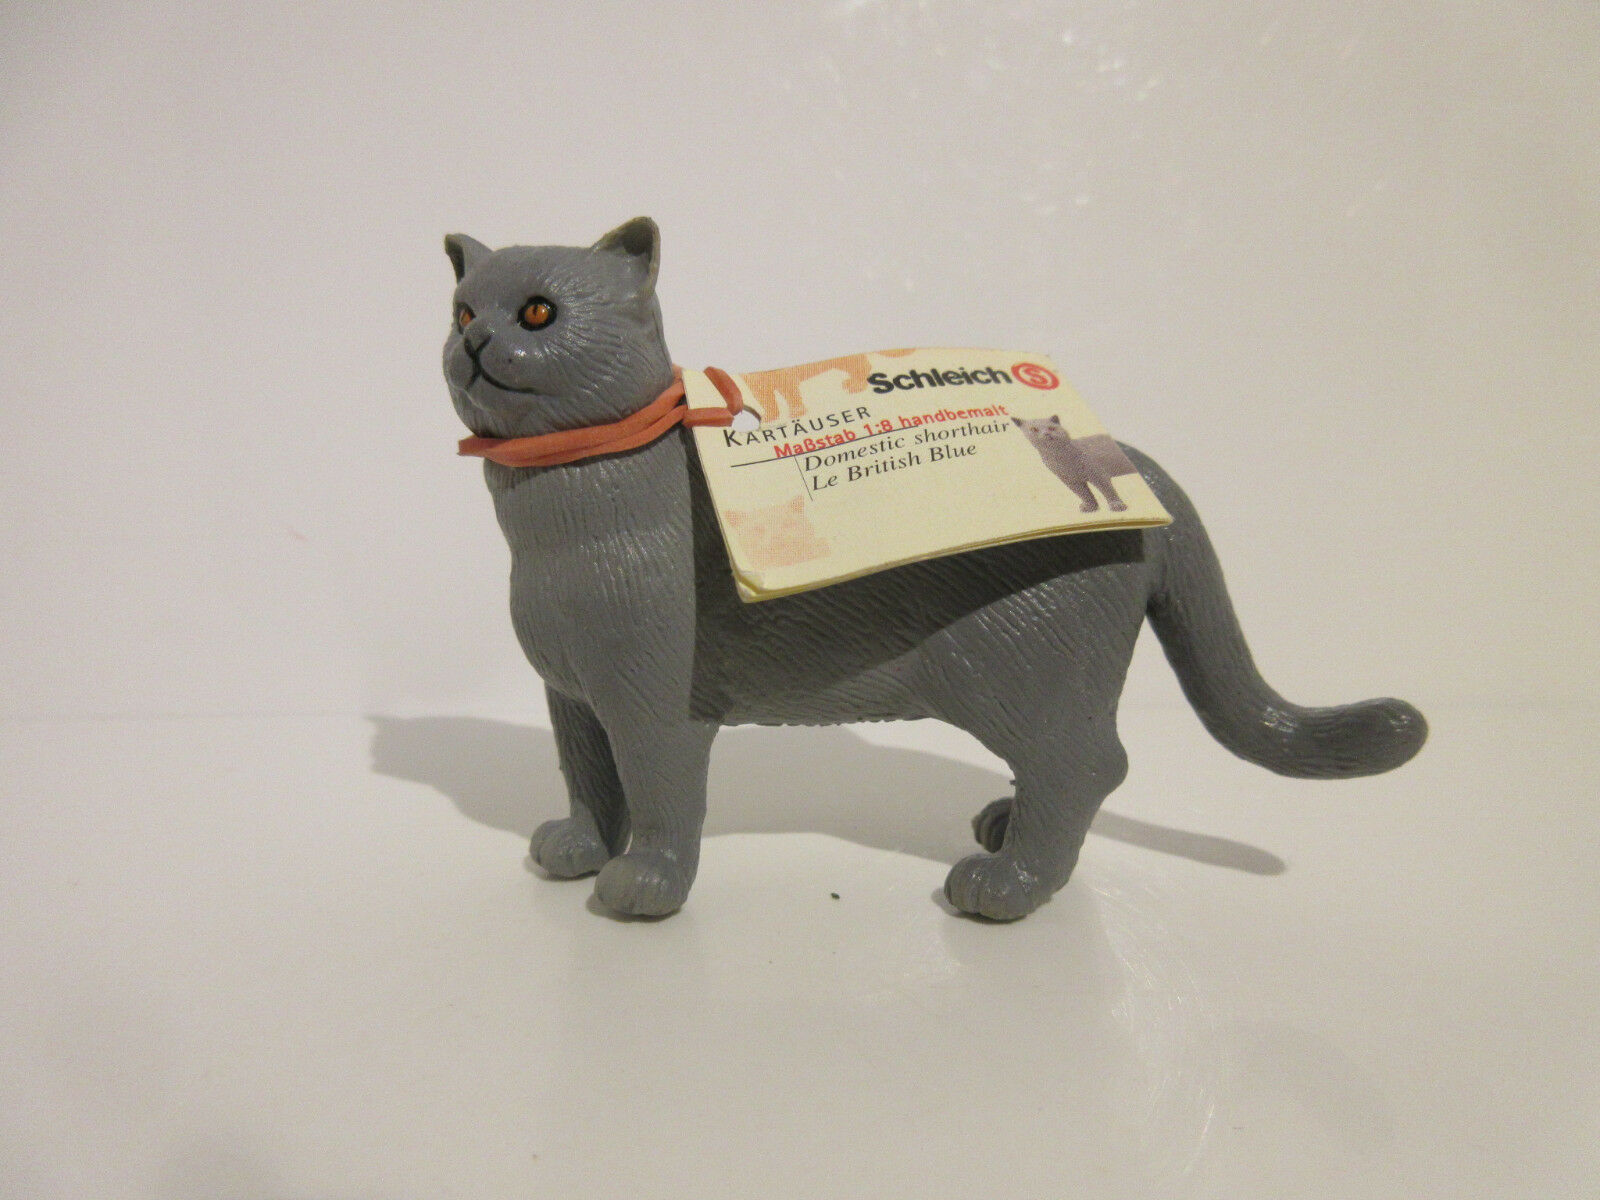 16651 Schleich Cat:  British Blau Cat, standing  booklet   ref : 21P5